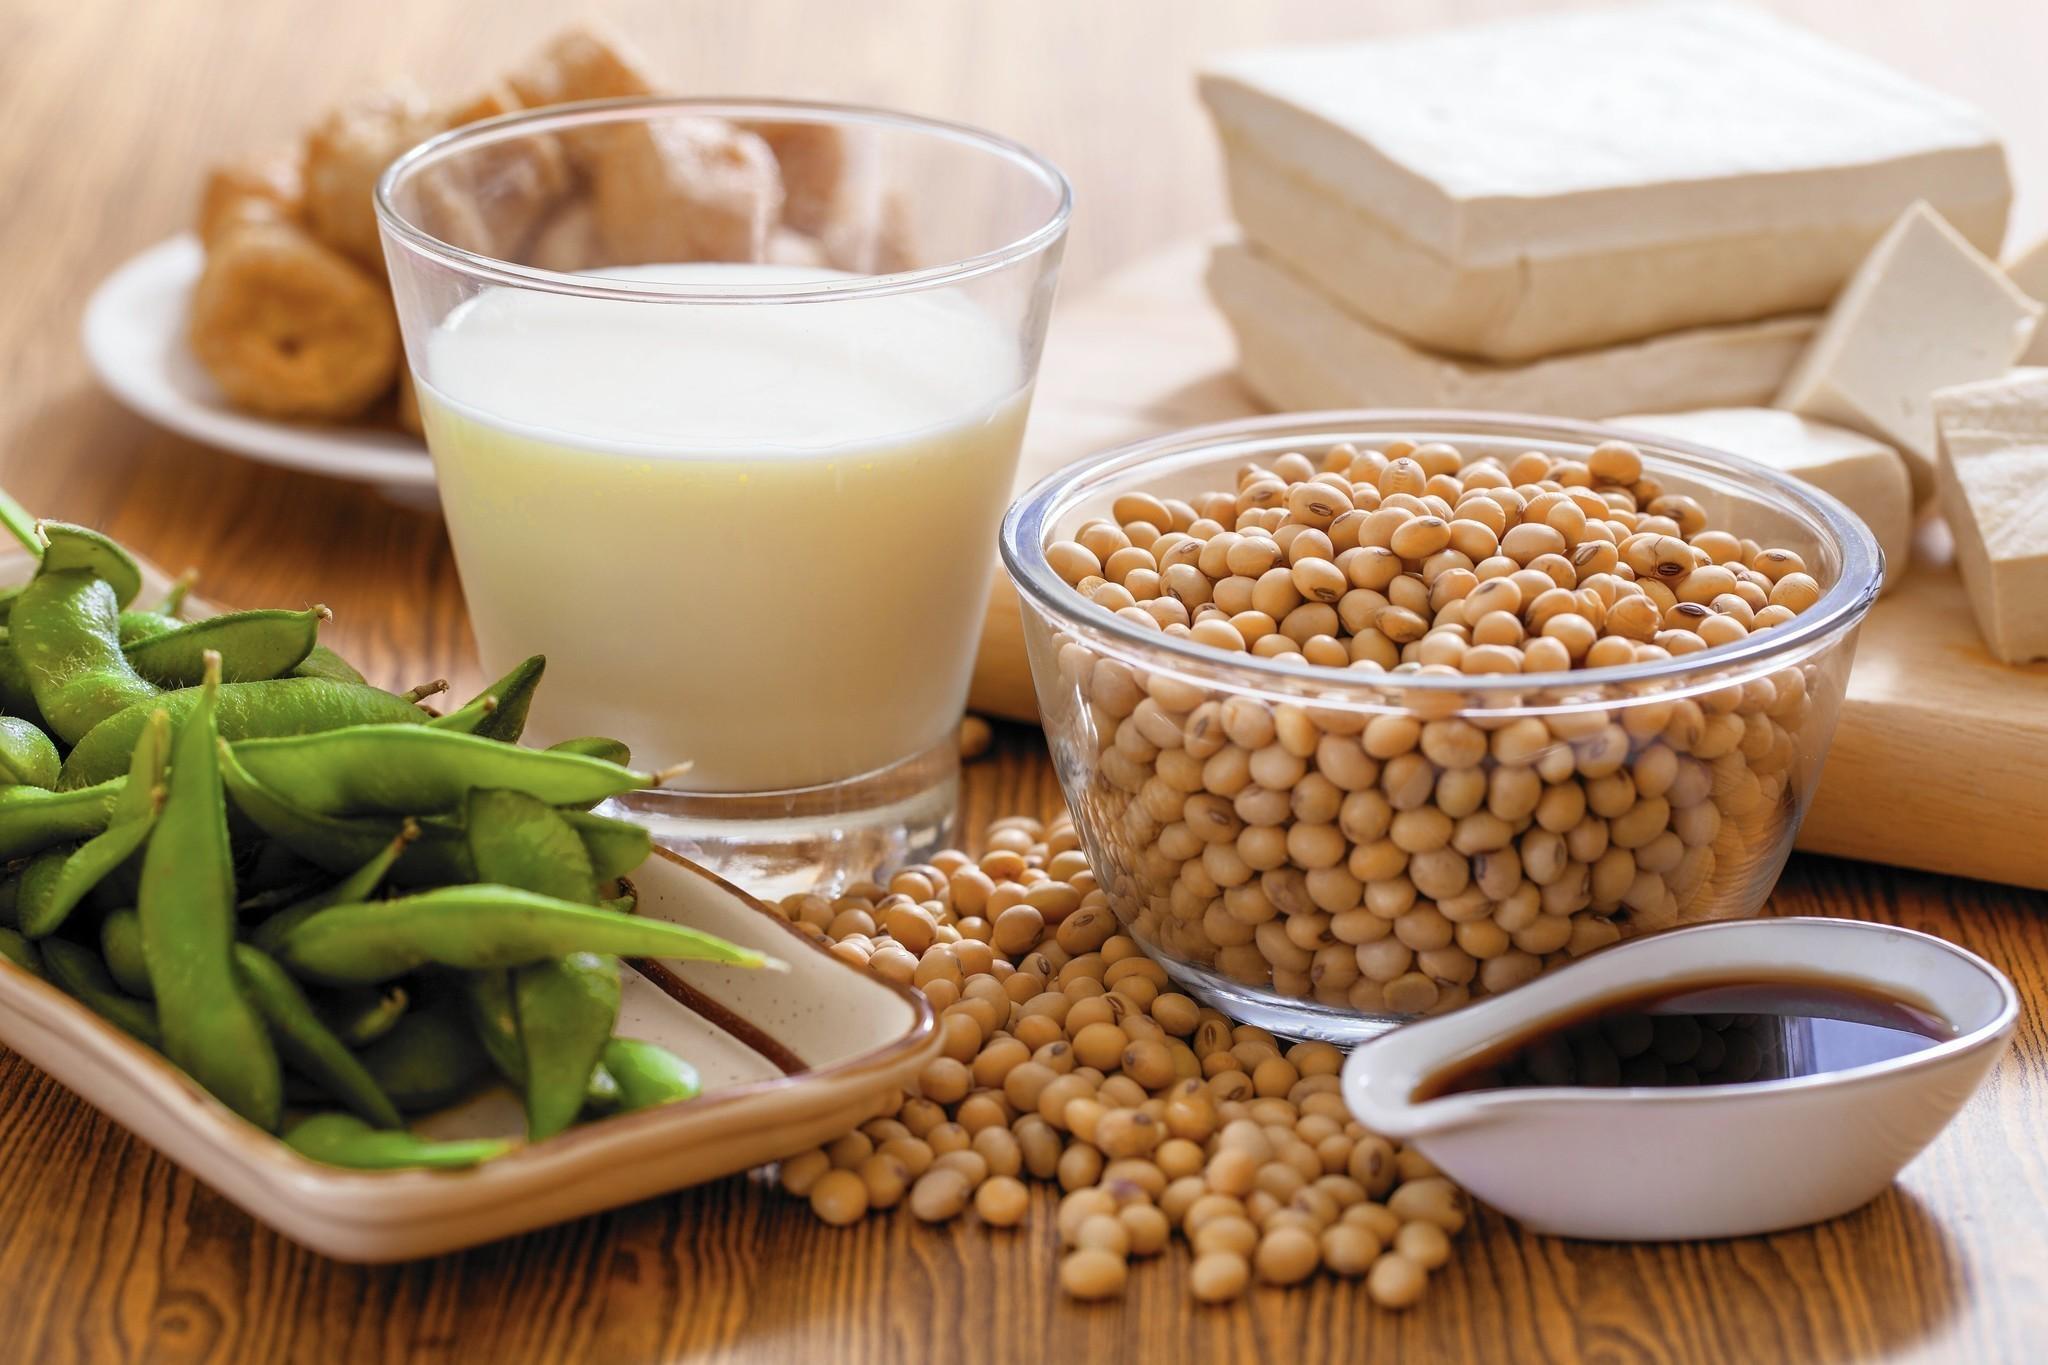 pane di soia per dieta